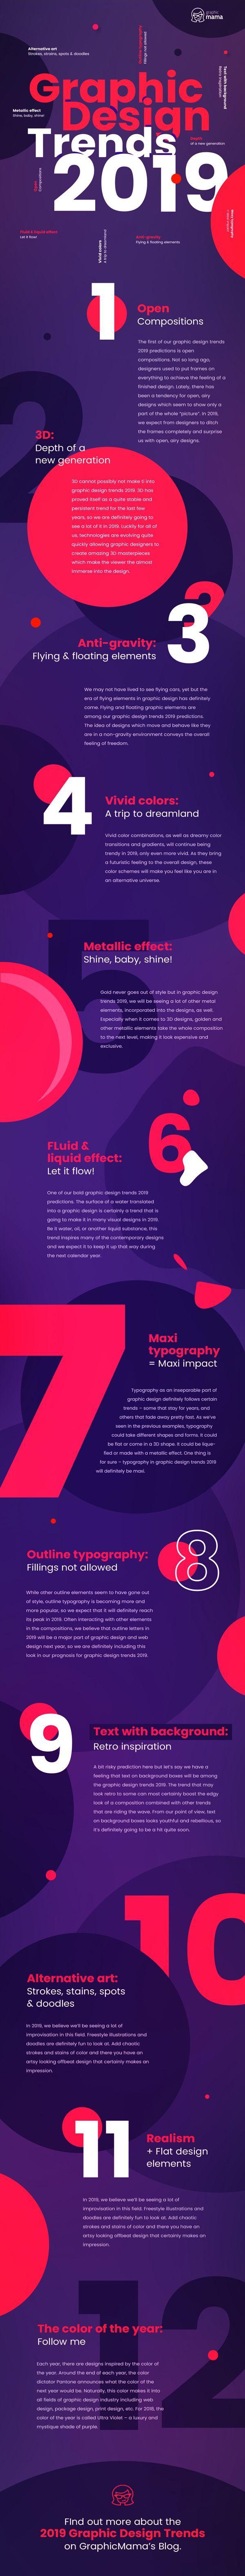 Grafikdesign-Trends 2019 werden bald das Web übernehmen. Was zu erwarten ist? Kühne Viv … #graphicdesign